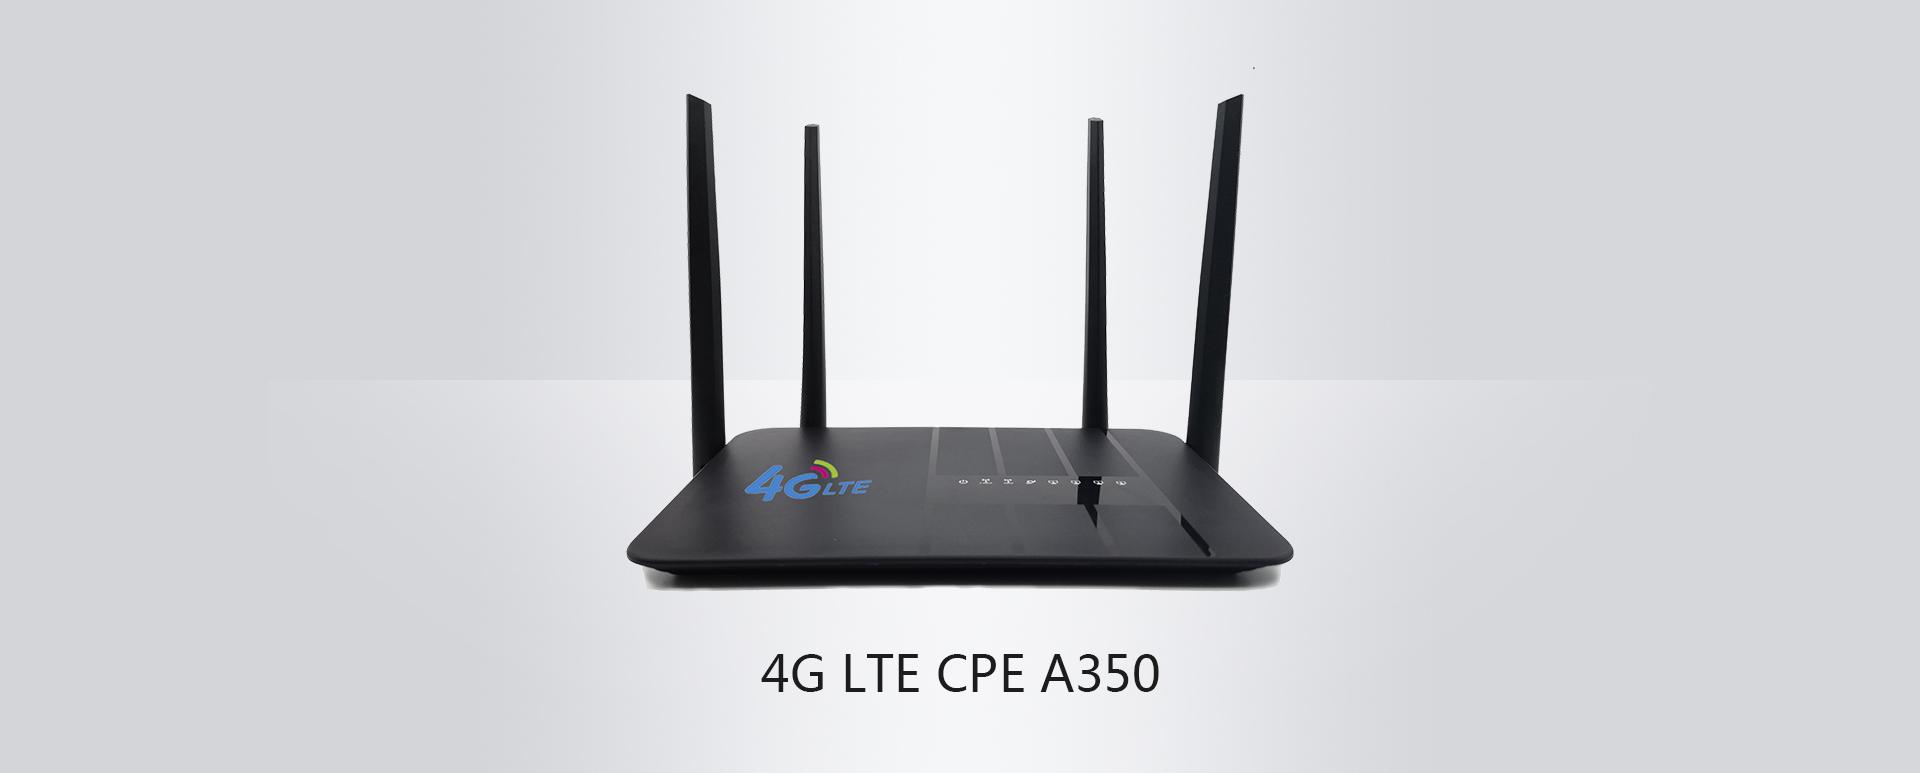 4G LTE CPE A350